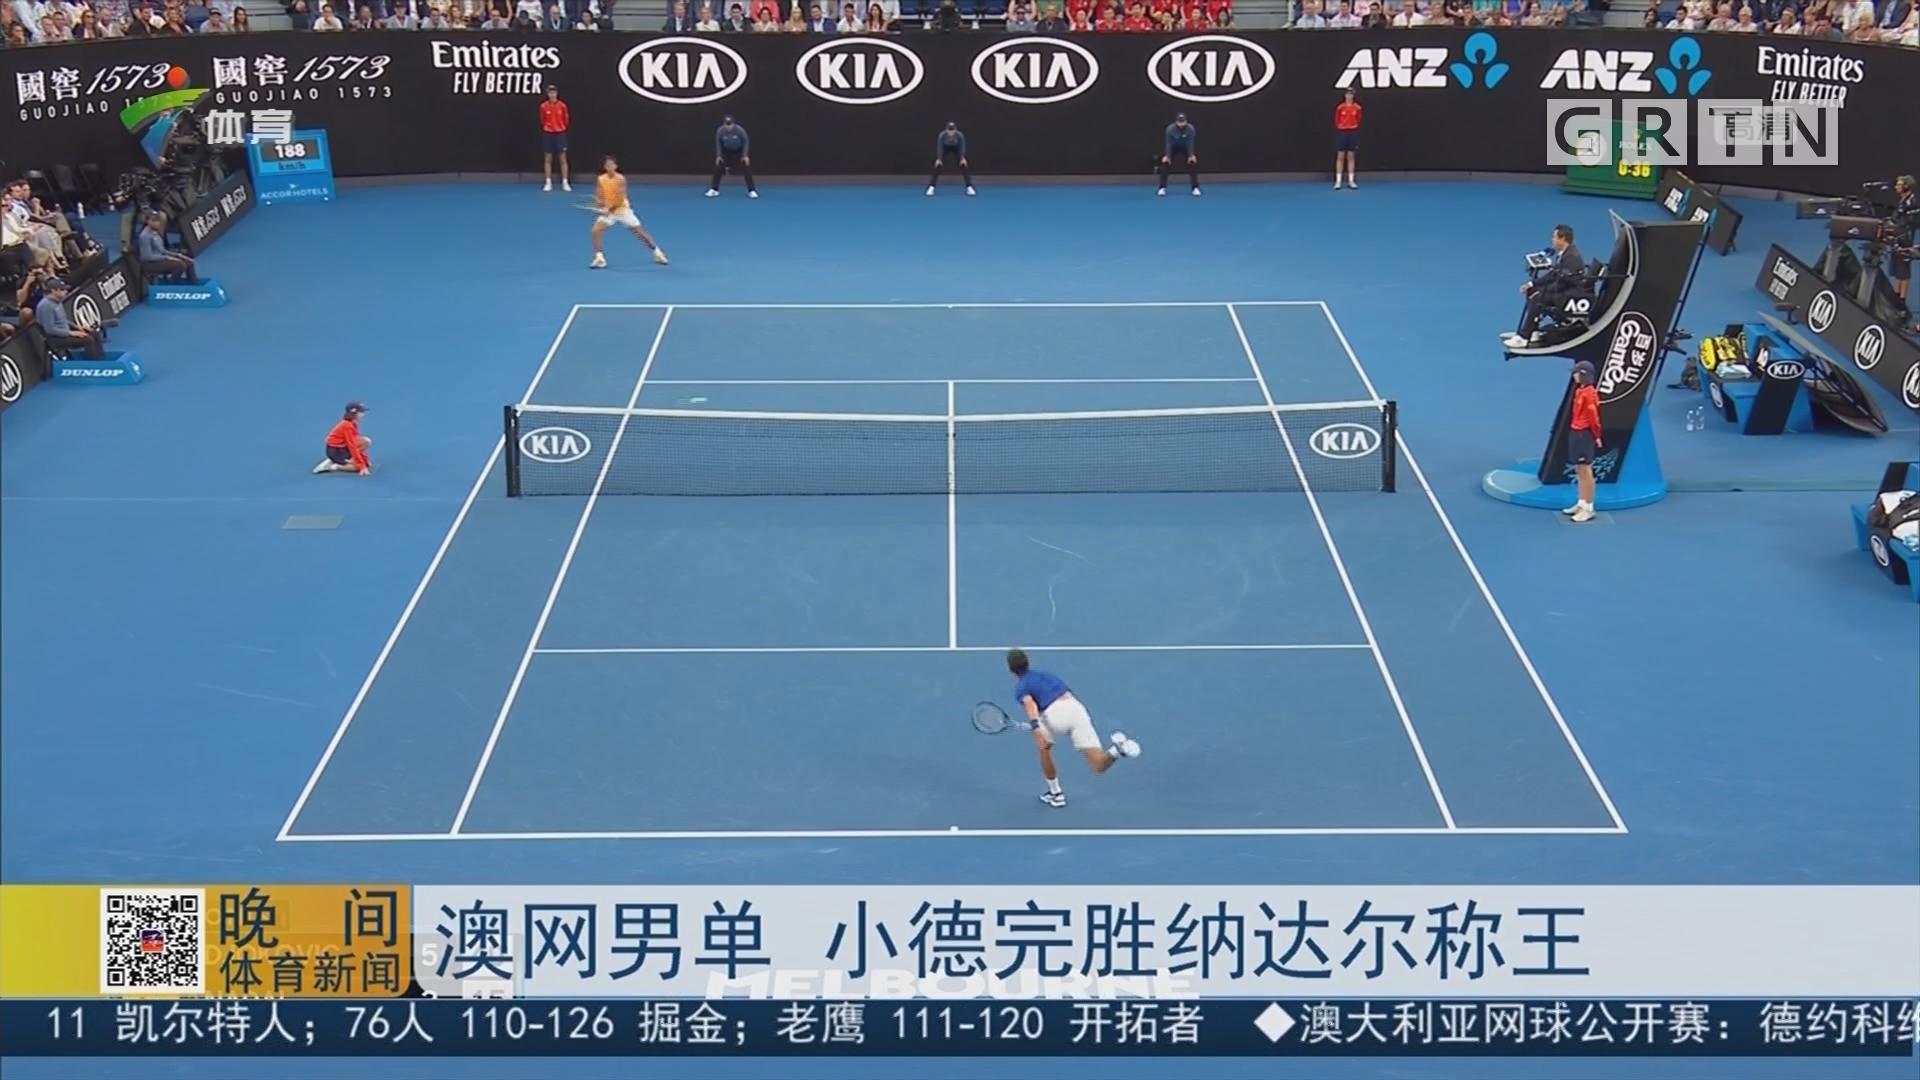 澳网男单 小德完胜纳达尔称王